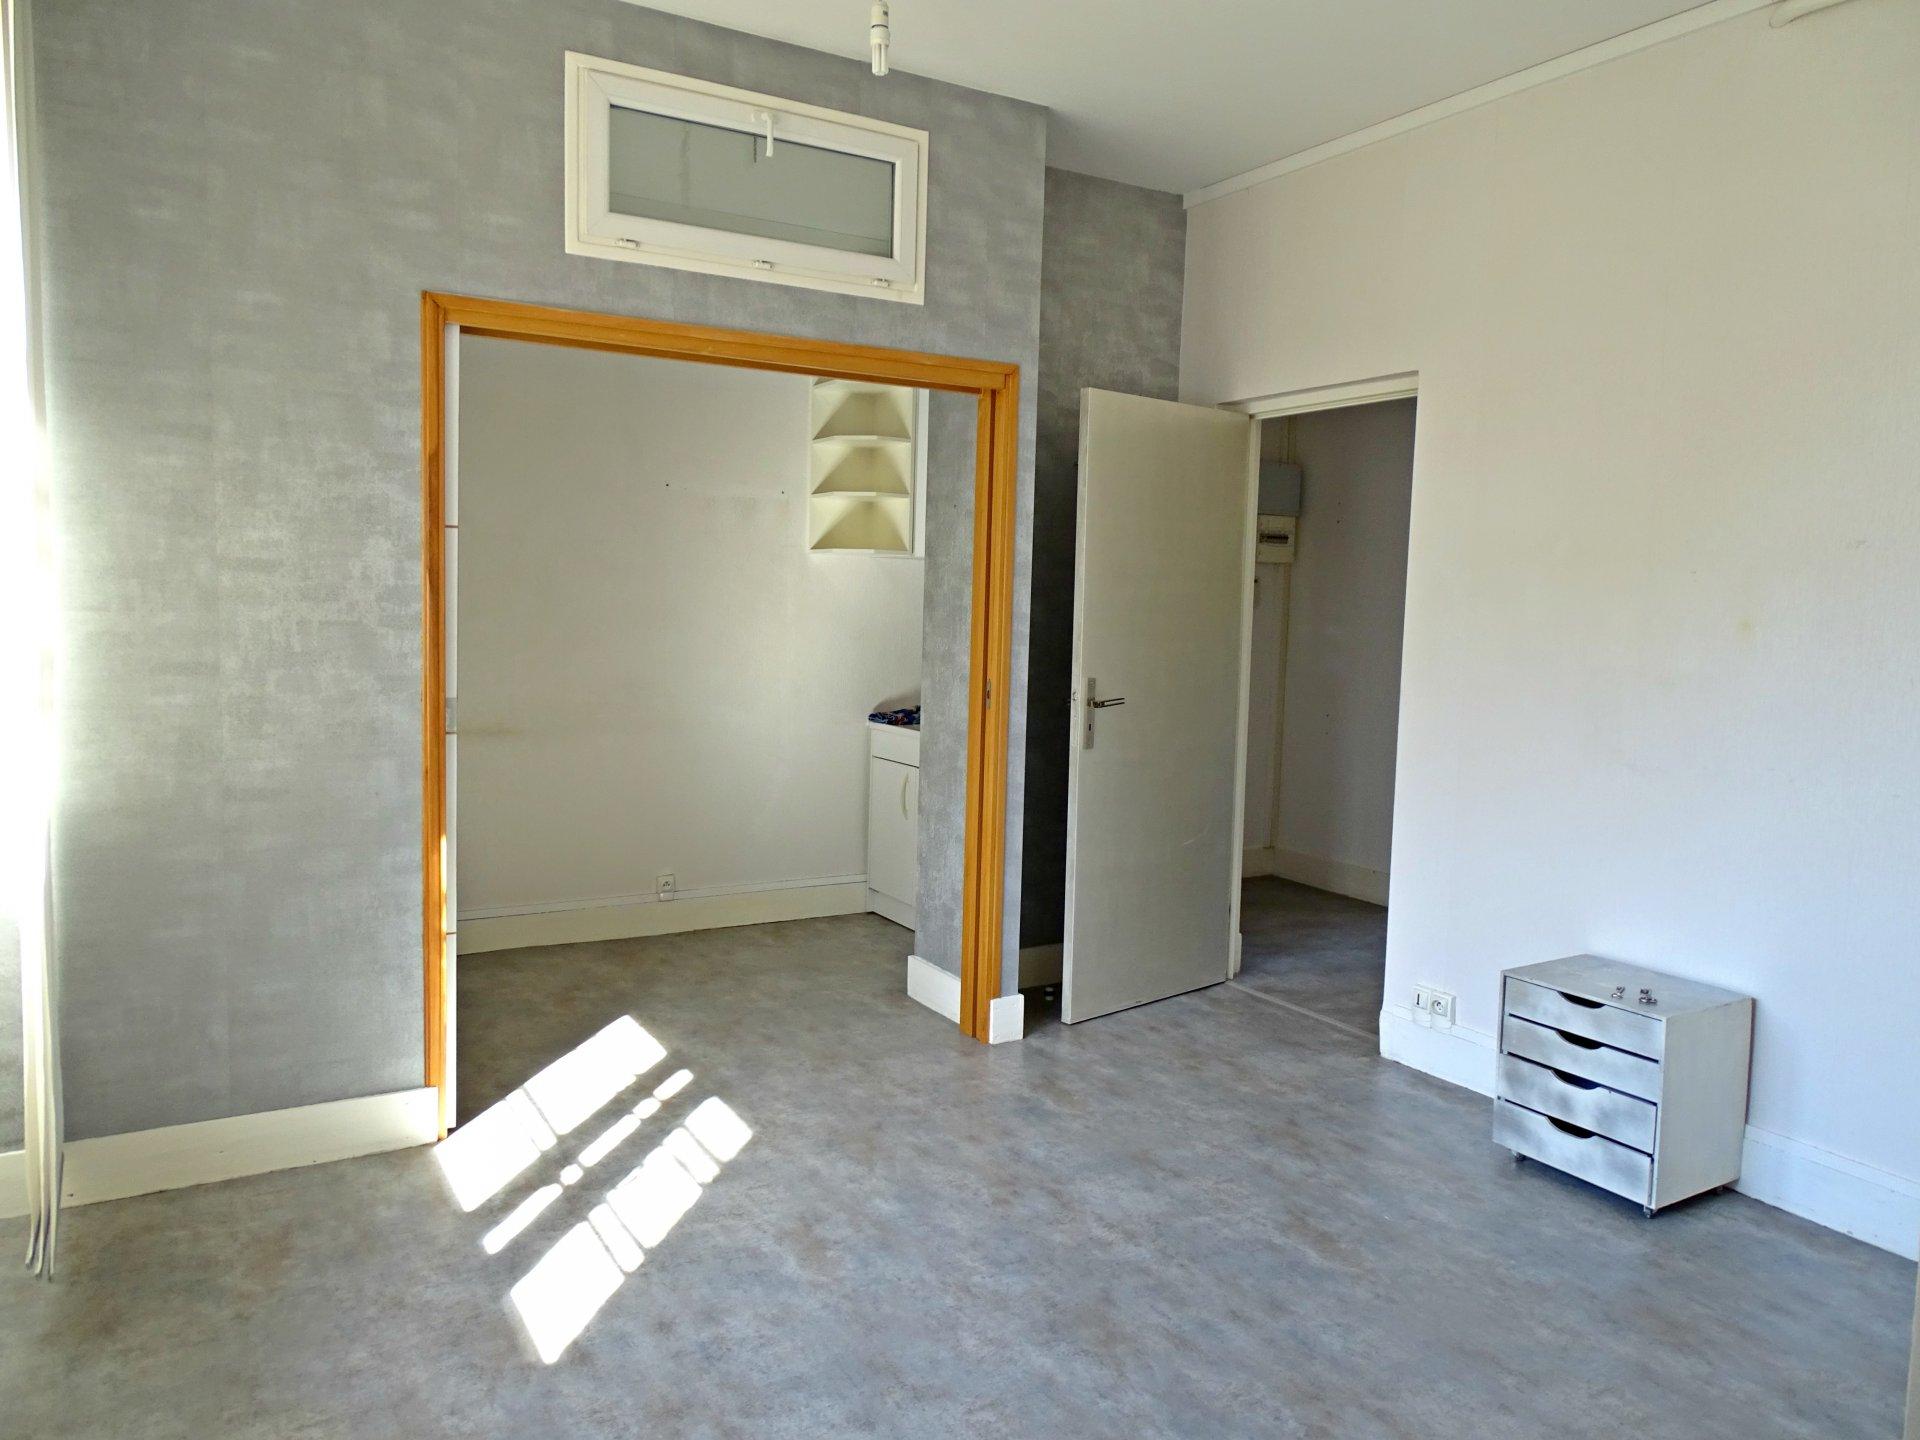 Charnay lès Mâcon, dans une résidence de standing sécurisée, venez découvrir cet appartement offrant une surface habitable de 67 m² environ avec cave et garage. Il dispose d'une lumineuse pièce de vie, espace cuisine indépendant, salle d'eau avec toilette, et deux chambres. Faibles charges de copropriétés. Emplacement idéal, à visiter sans tarder. Honoraires à la charge des vendeurs.